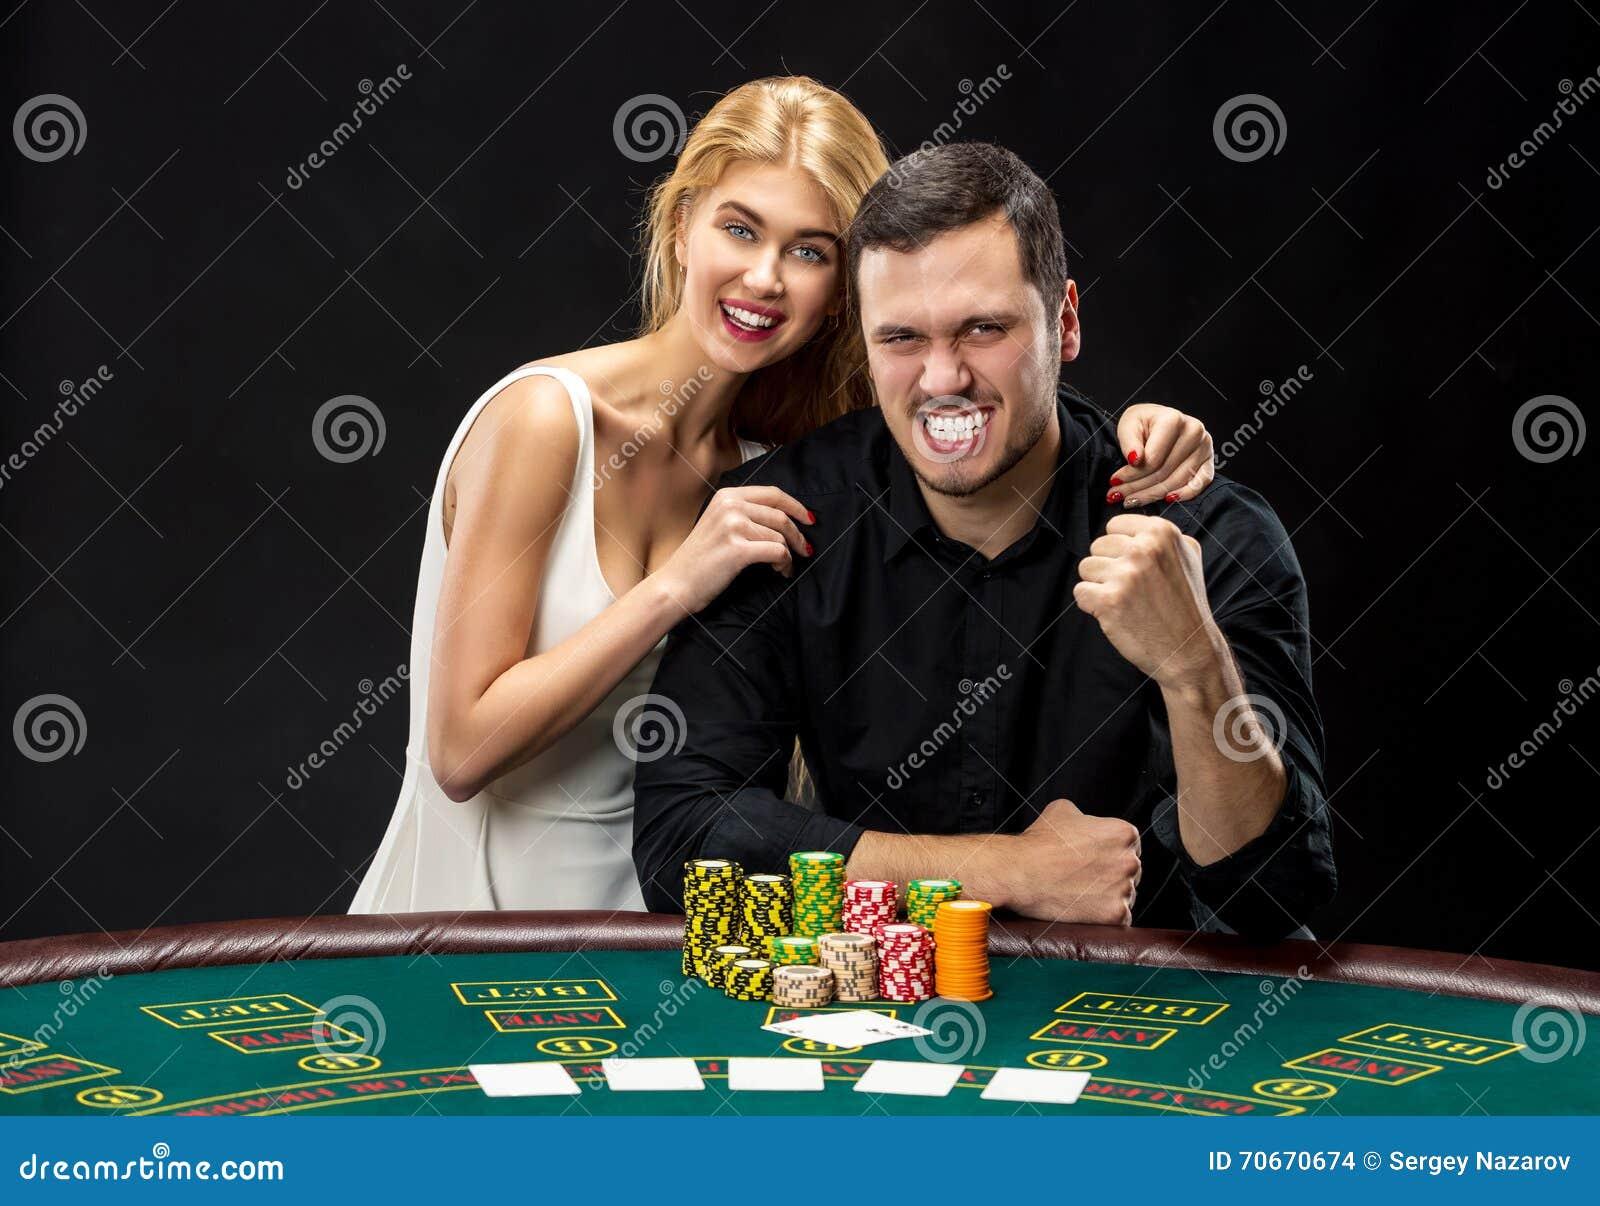 Большой в самый казино проигрыш